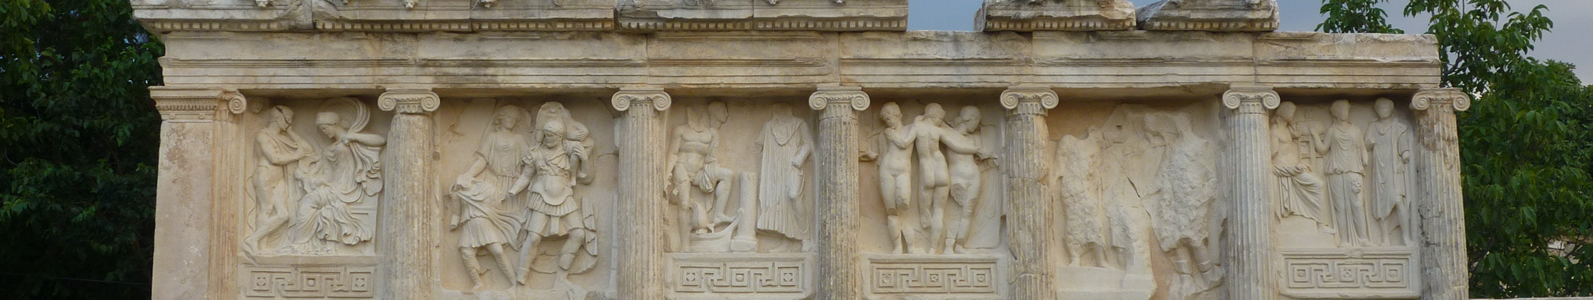 Sebasteion, Aphrodisias, SW Turkey